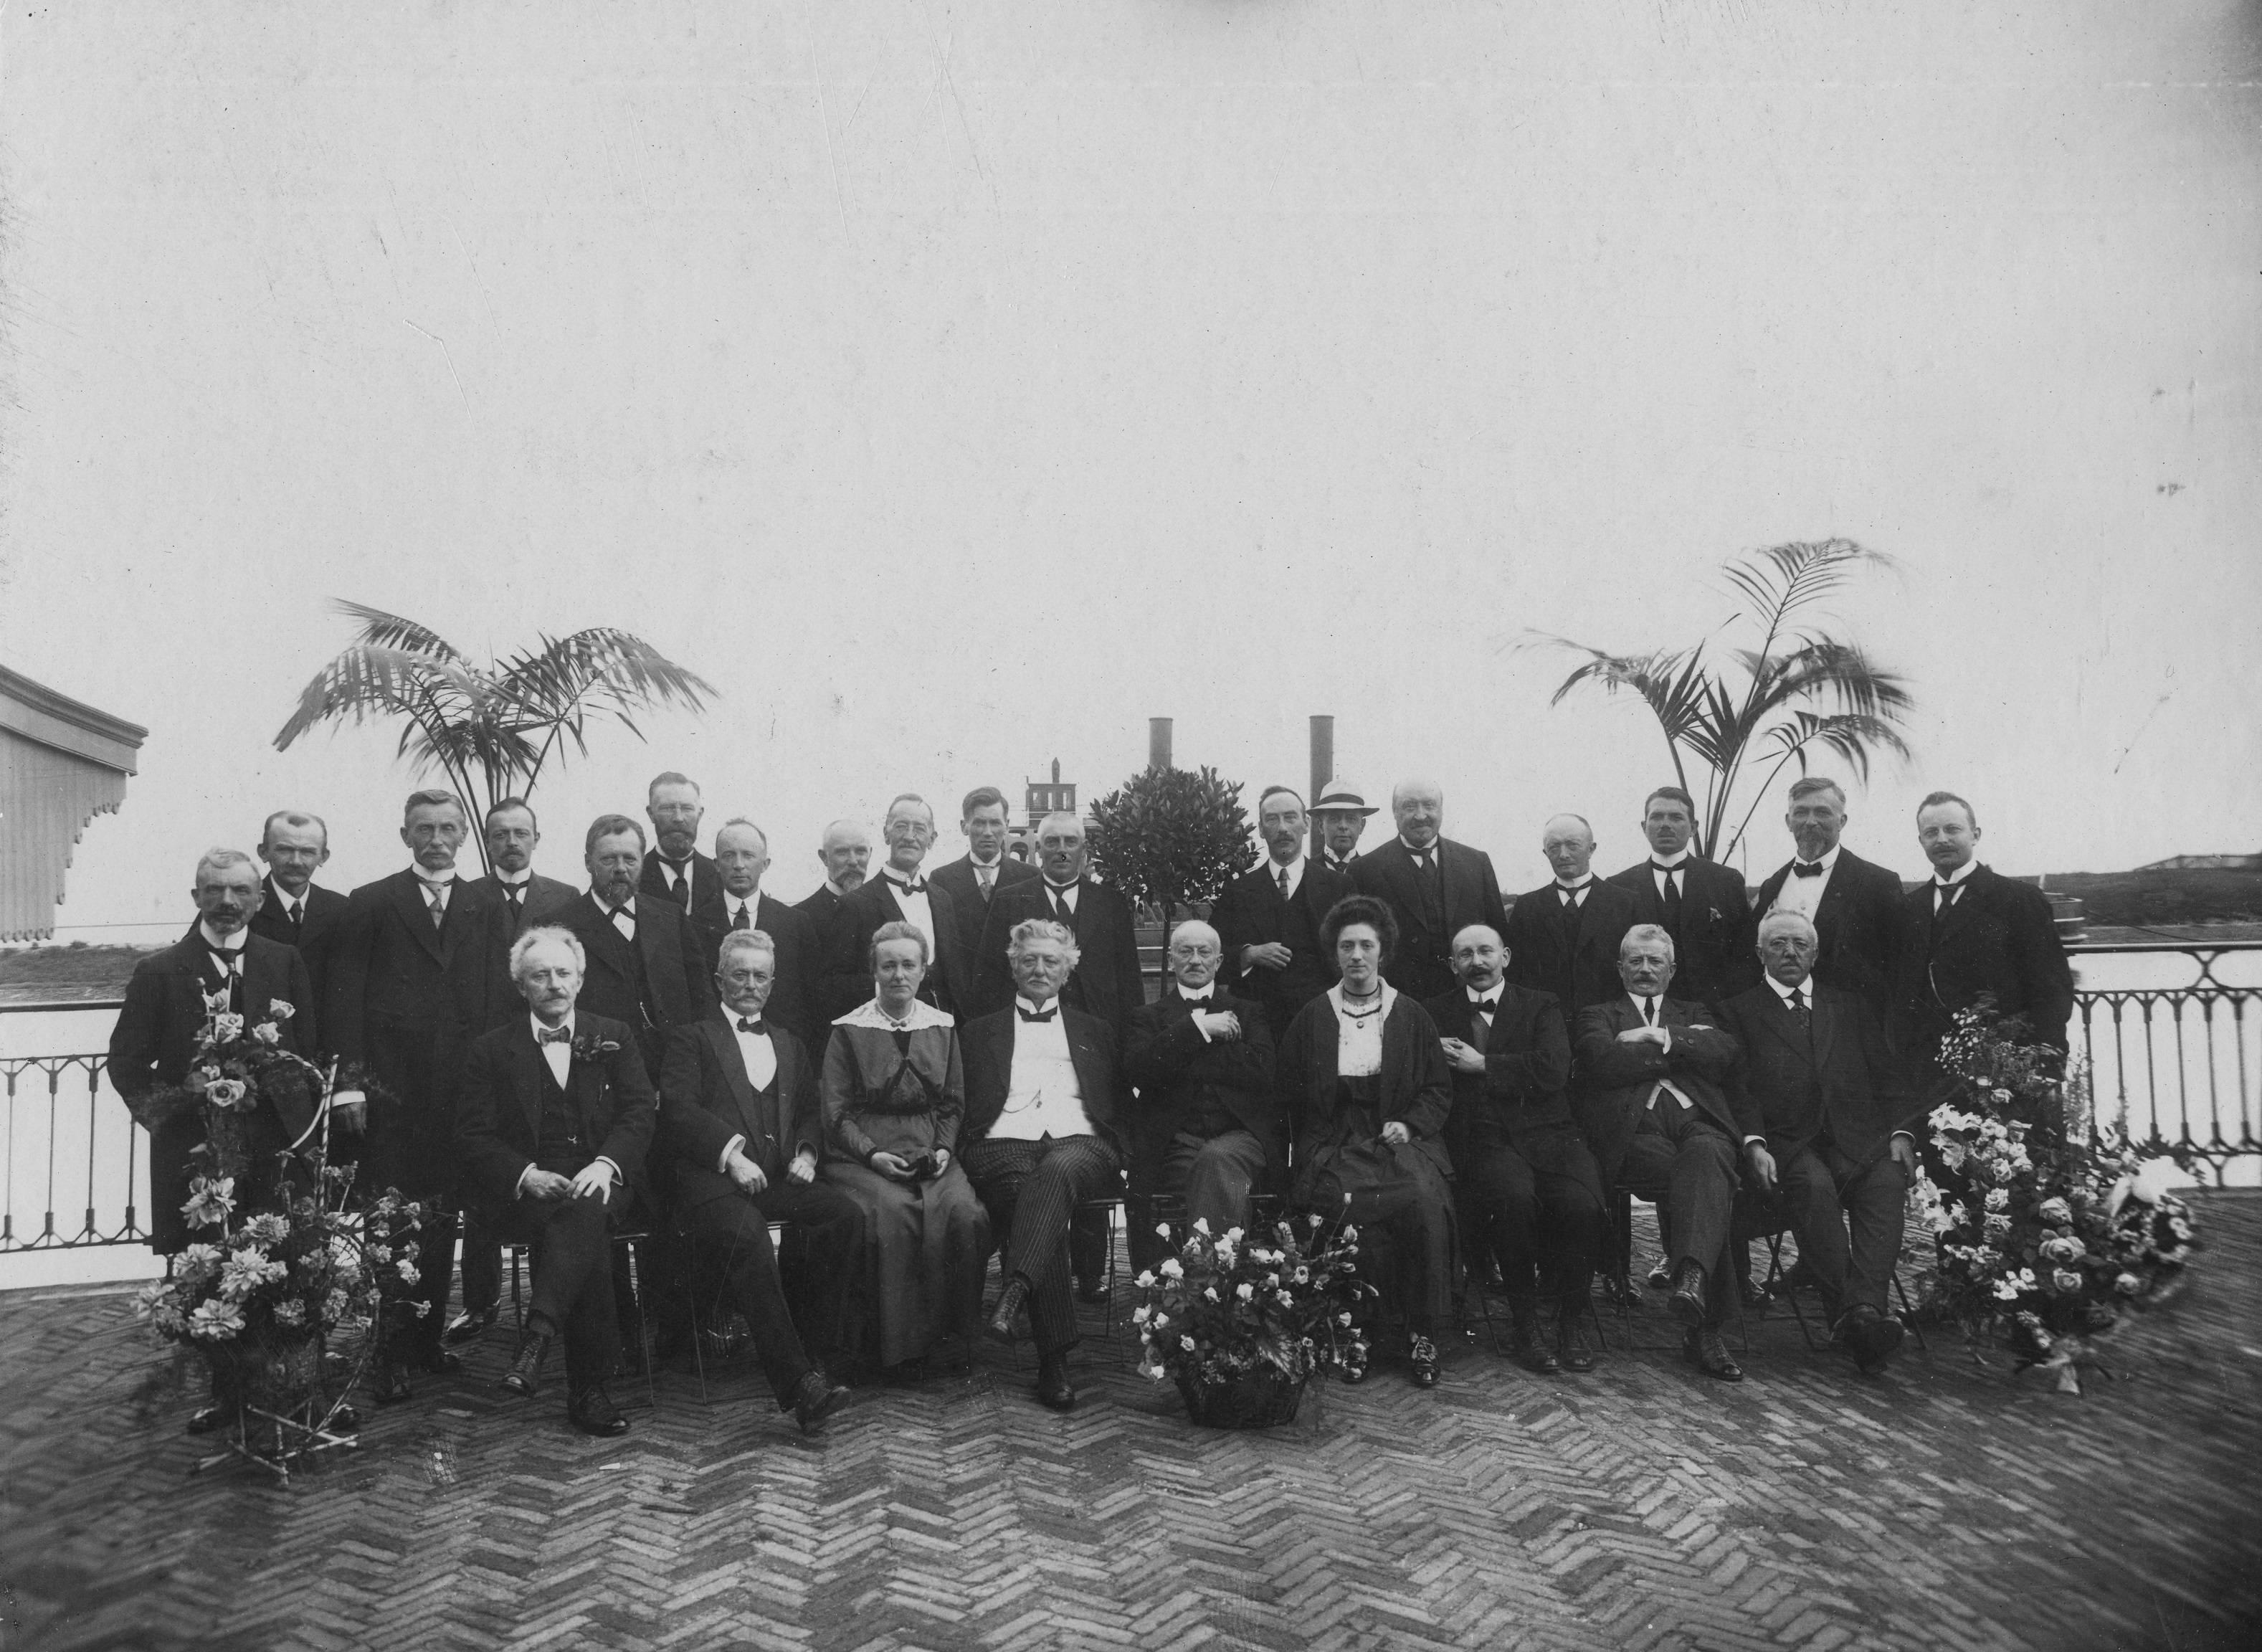 Jubileumfeest 50 jaar Enkhuizer Courant, 1920. Archief Kroniek van Enkhuizen.